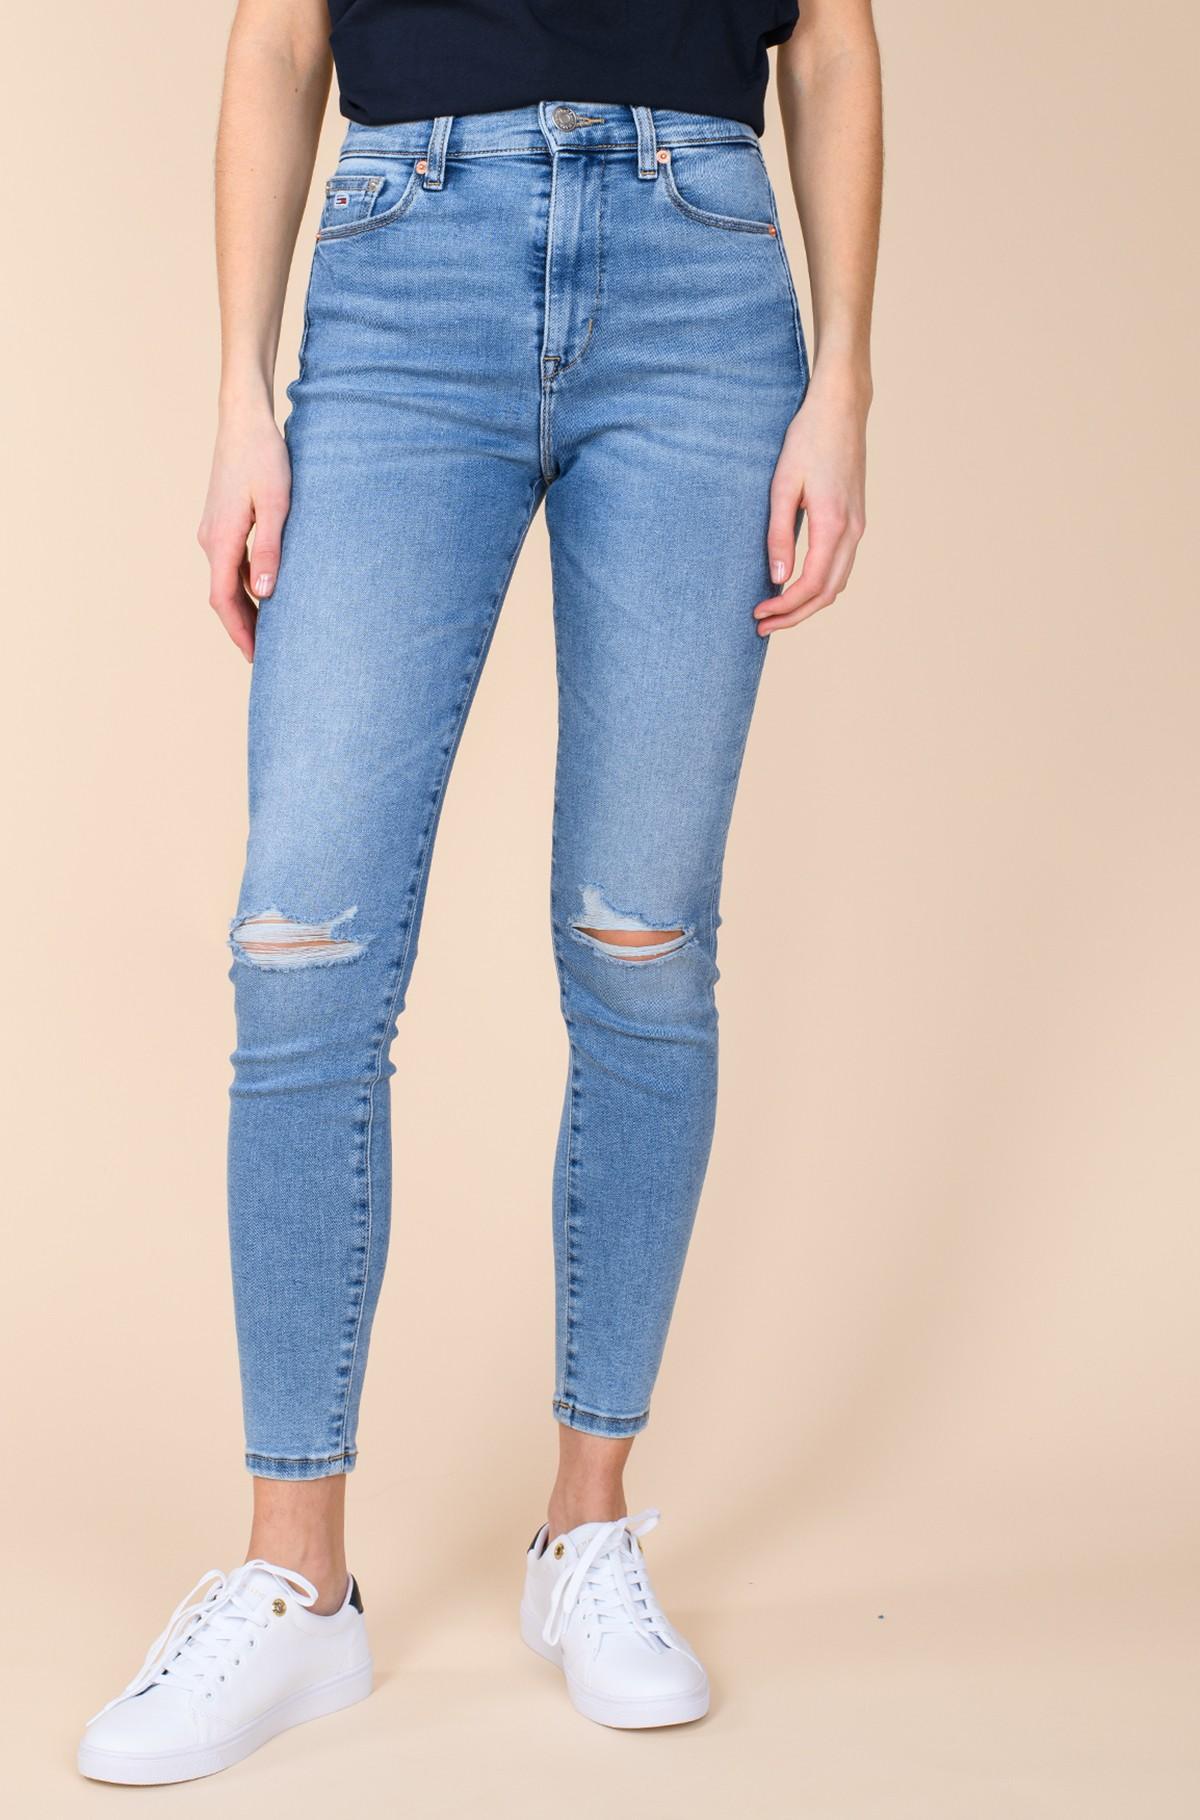 Jeans SYLVIA HR SPR SKNY ANKLE CLBSD-full-1